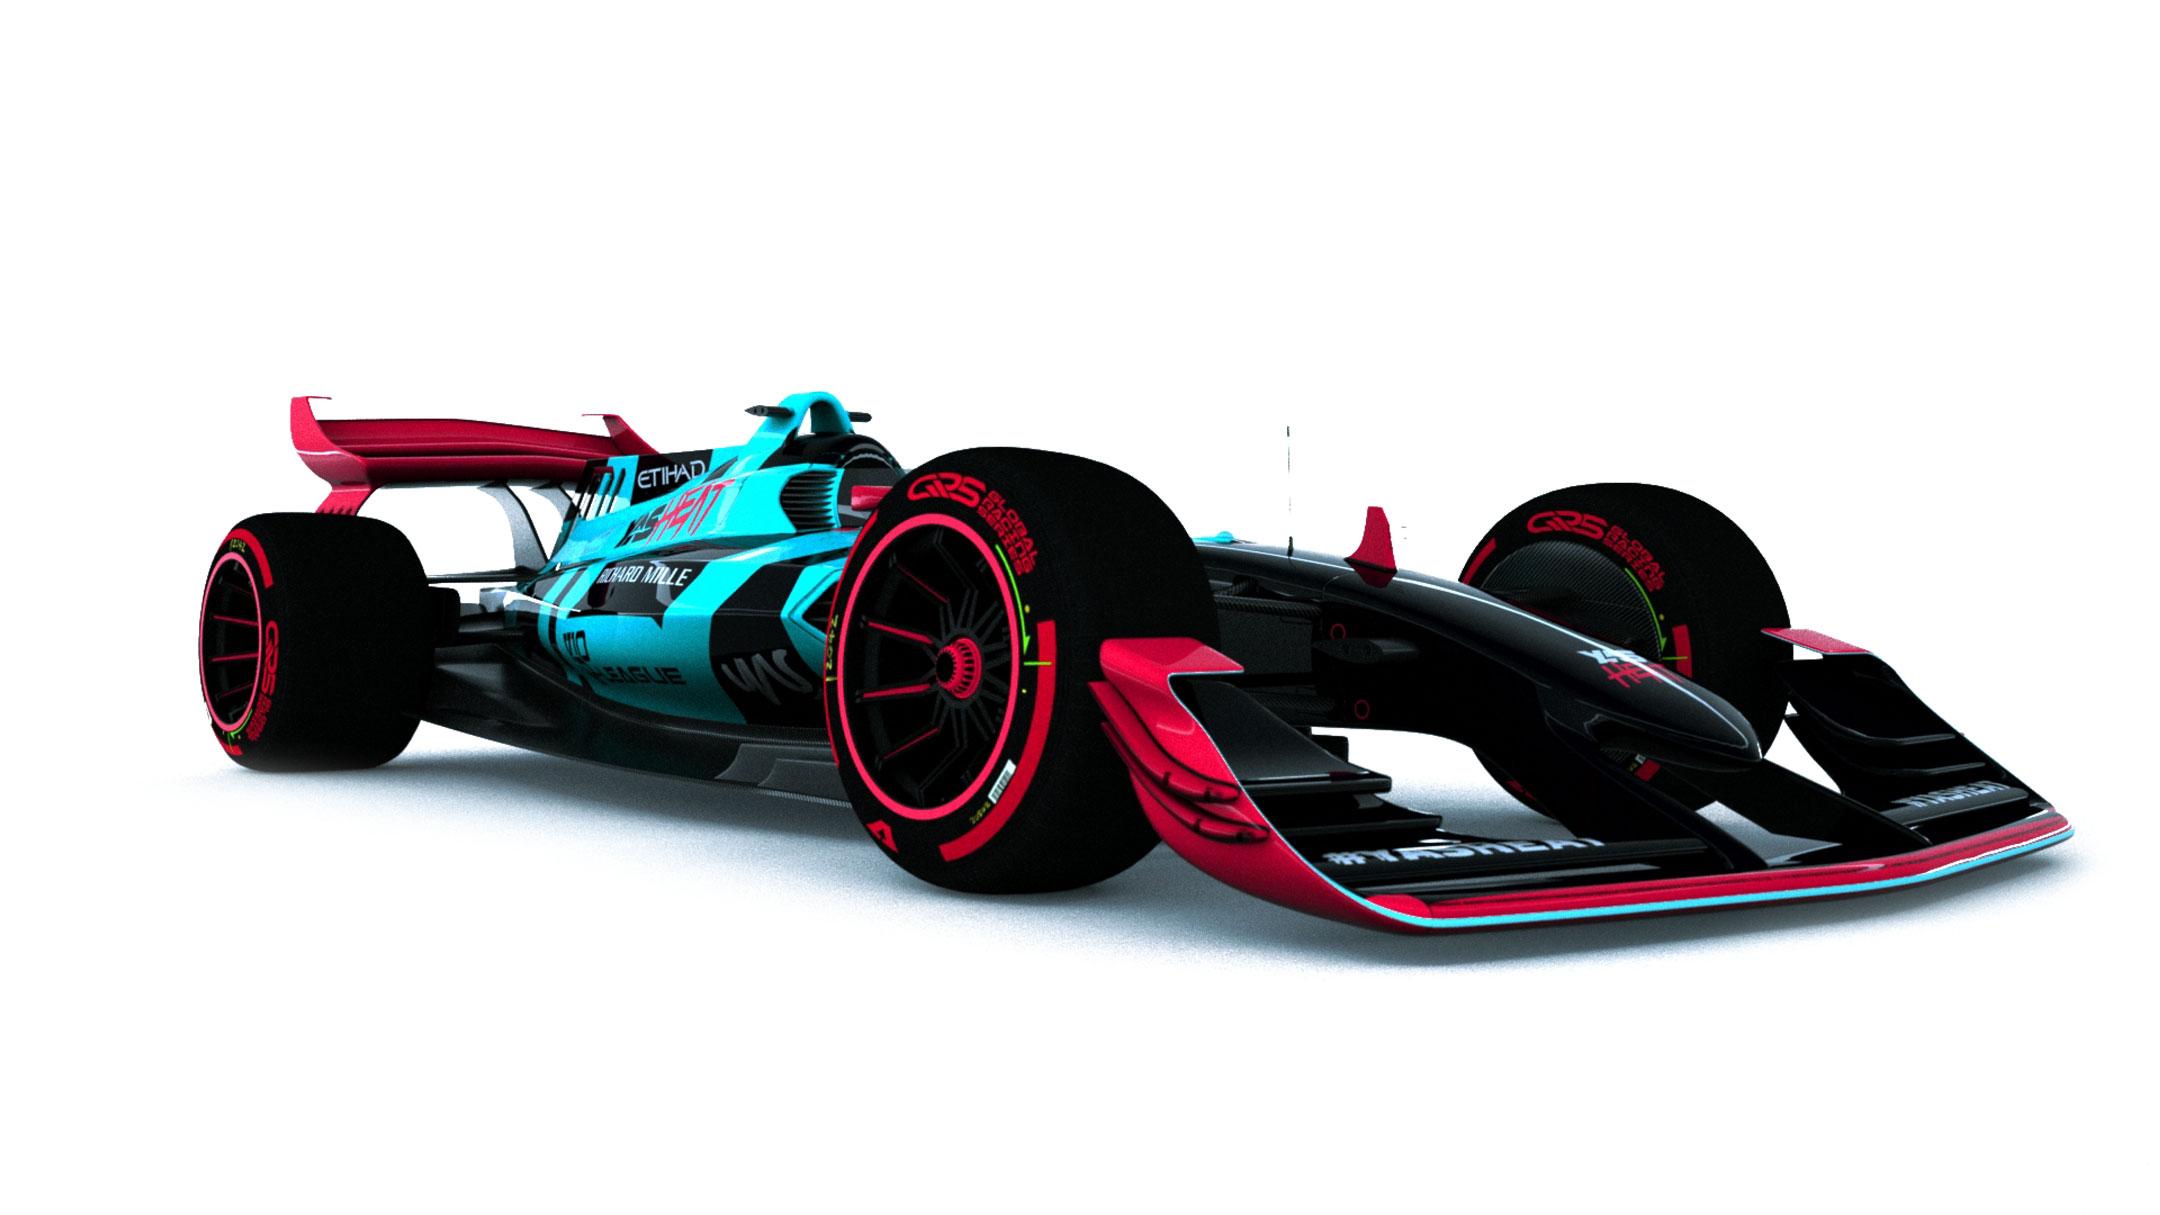 YAS Heat esports car model